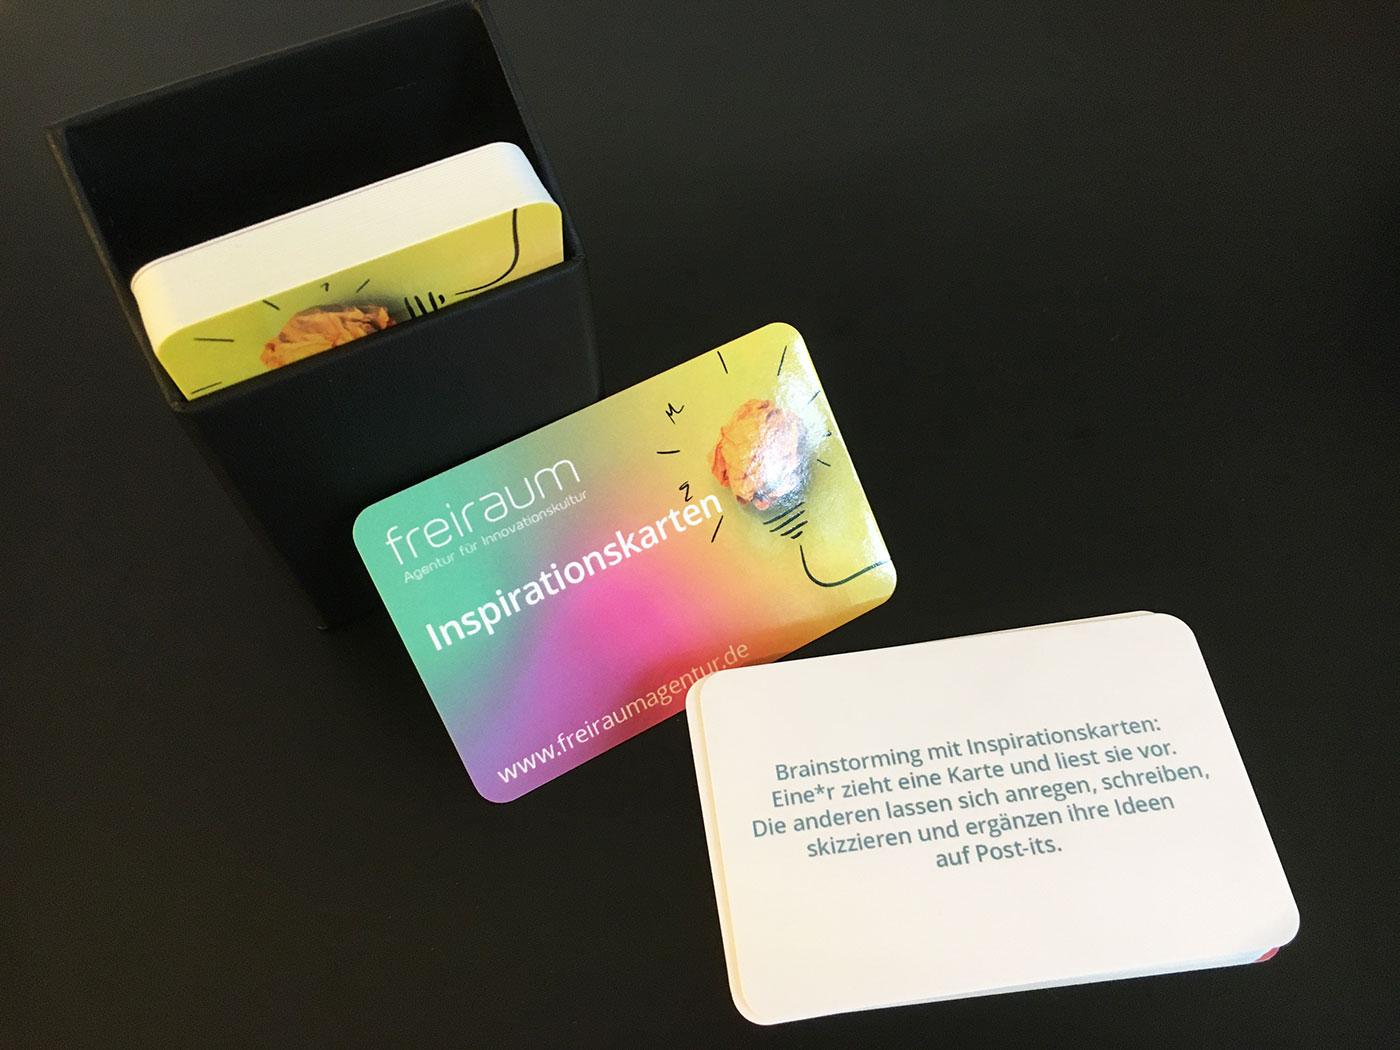 Inspirationskarten für neue Ideen! Ab sofort bei uns erhältlich.